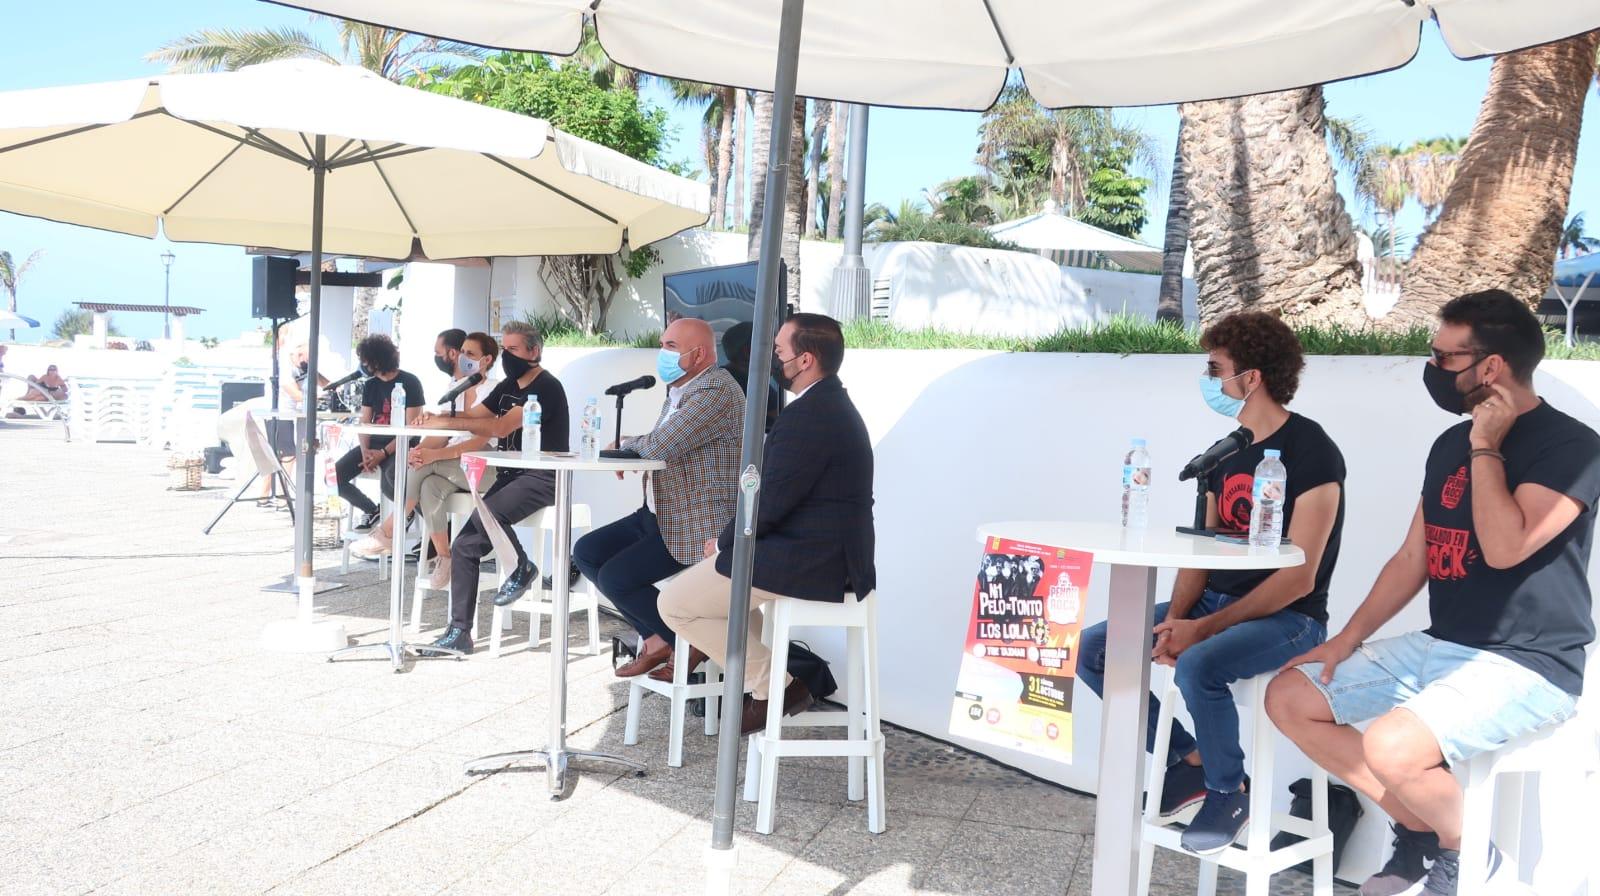 Presentación del Festival Peñón Rock de Puerto de la Cruz. Tenerife